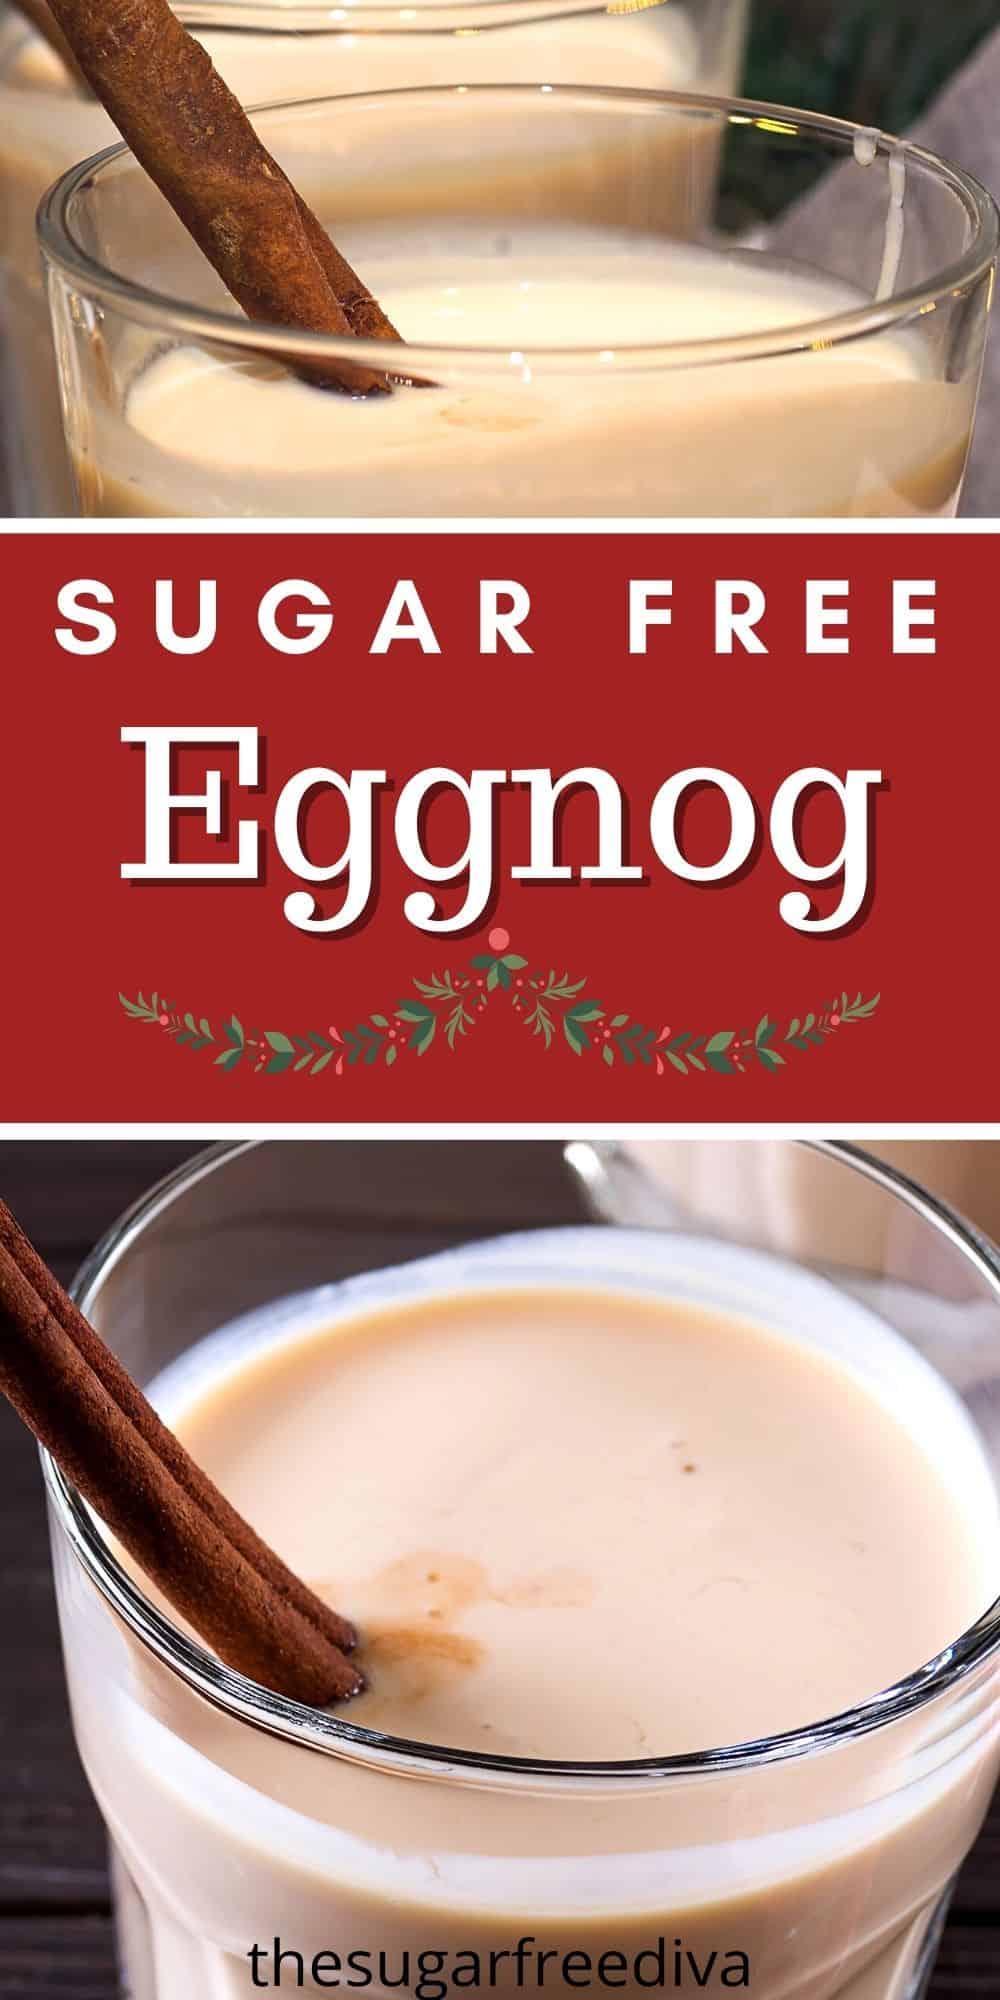 How to Make Sugar Free Eggnog